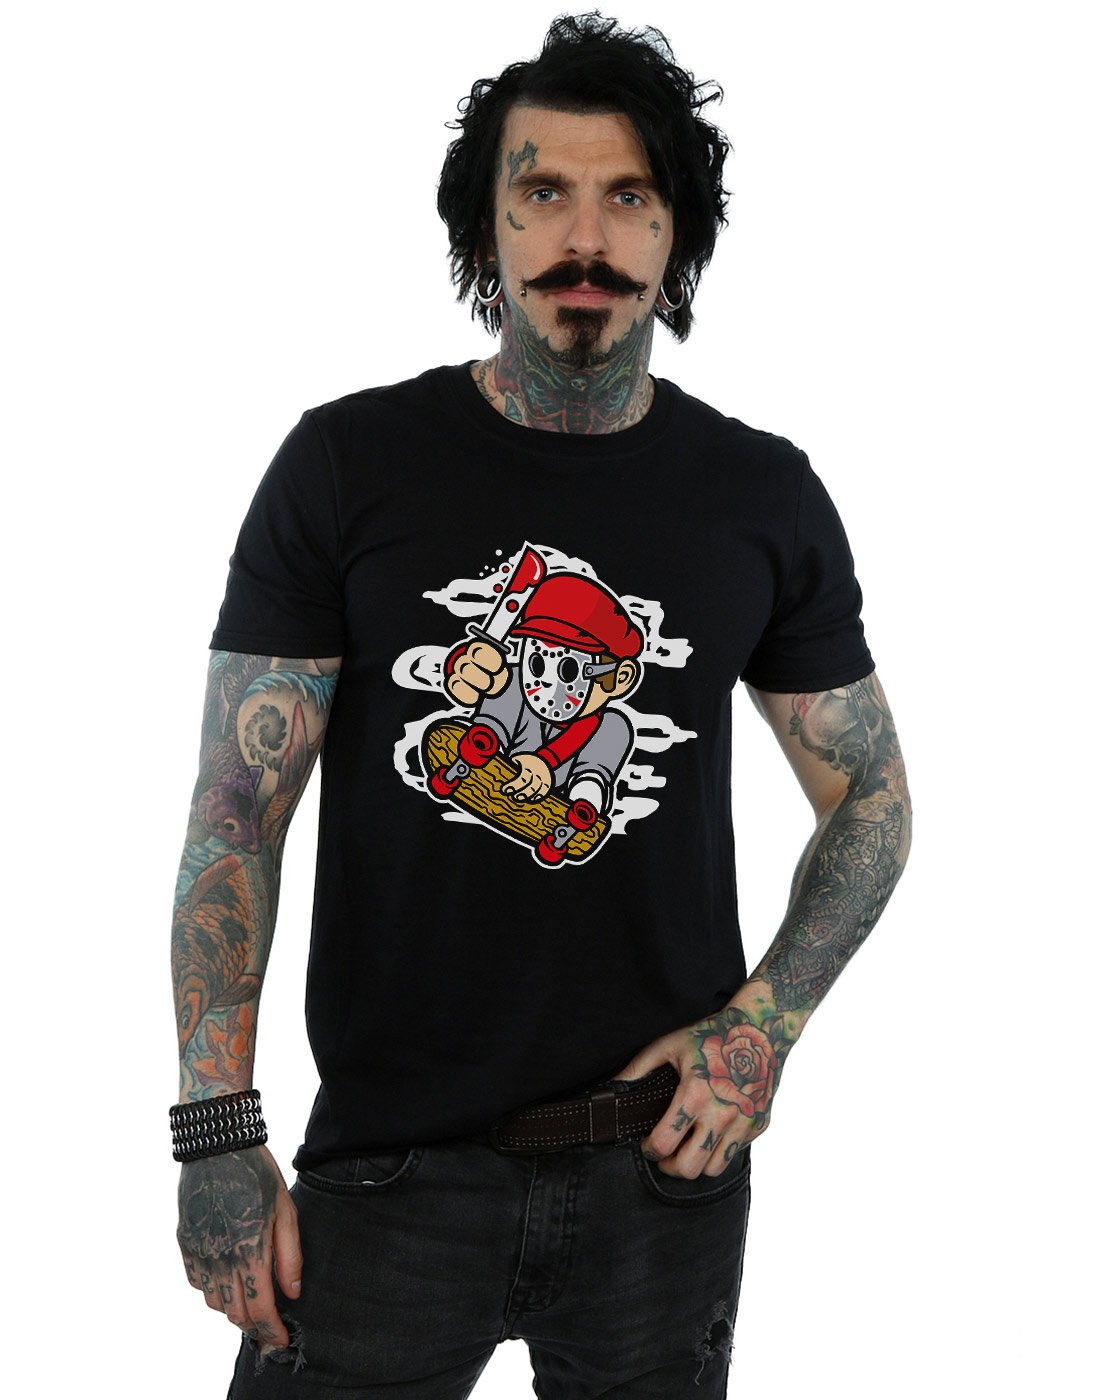 Drewbacca S Killer Skater Tshirt